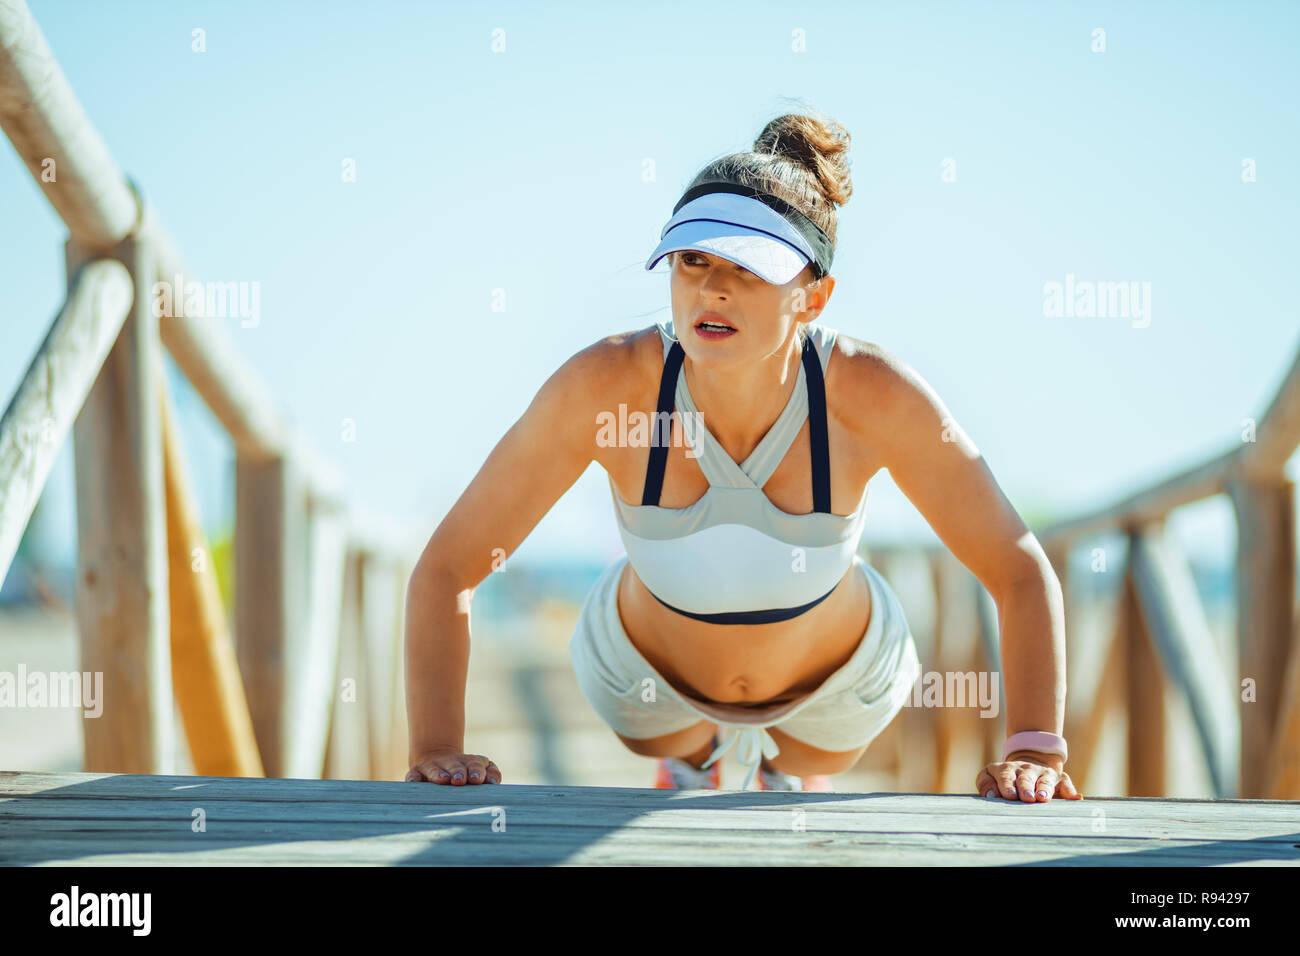 Colocar en el emparejador de mujer ropa de gimnasia en el Seacoast haciendo pushups. 30 años algo mujer fitness realizar programa fuerza y haciendo pushups Imagen De Stock